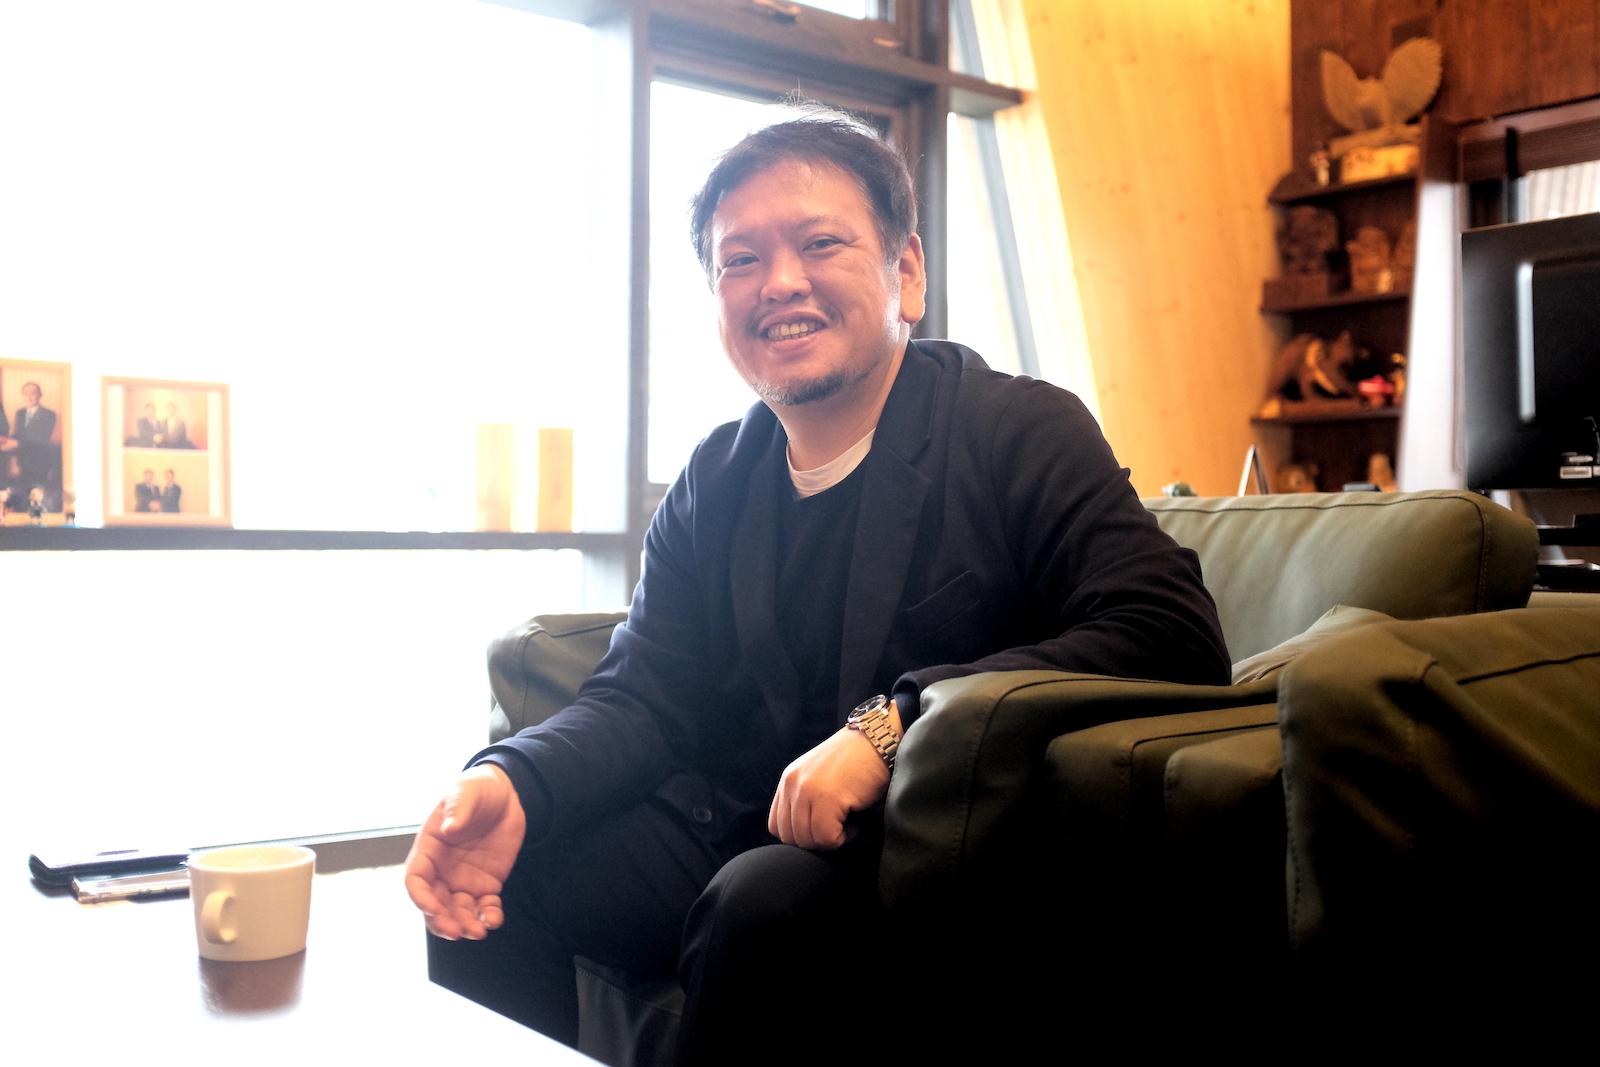 イトイグループホールディングス代表の菅原さん。